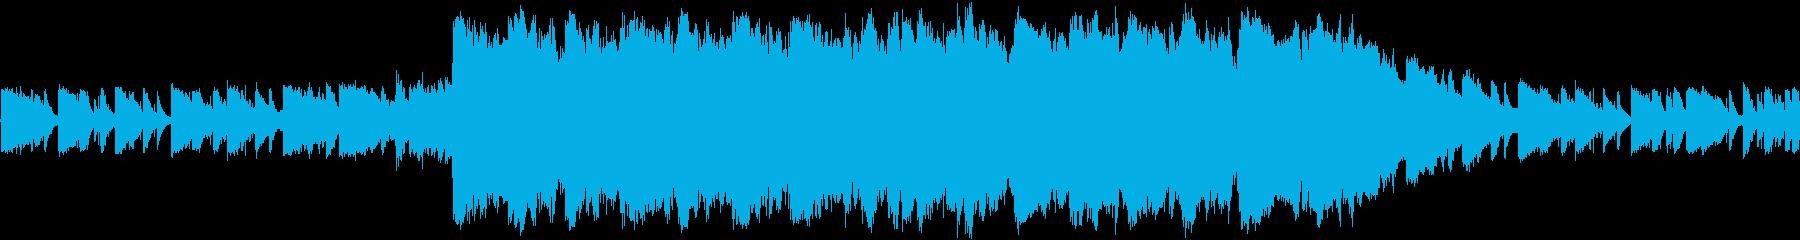 ケルト系 短いケルト調の曲の再生済みの波形